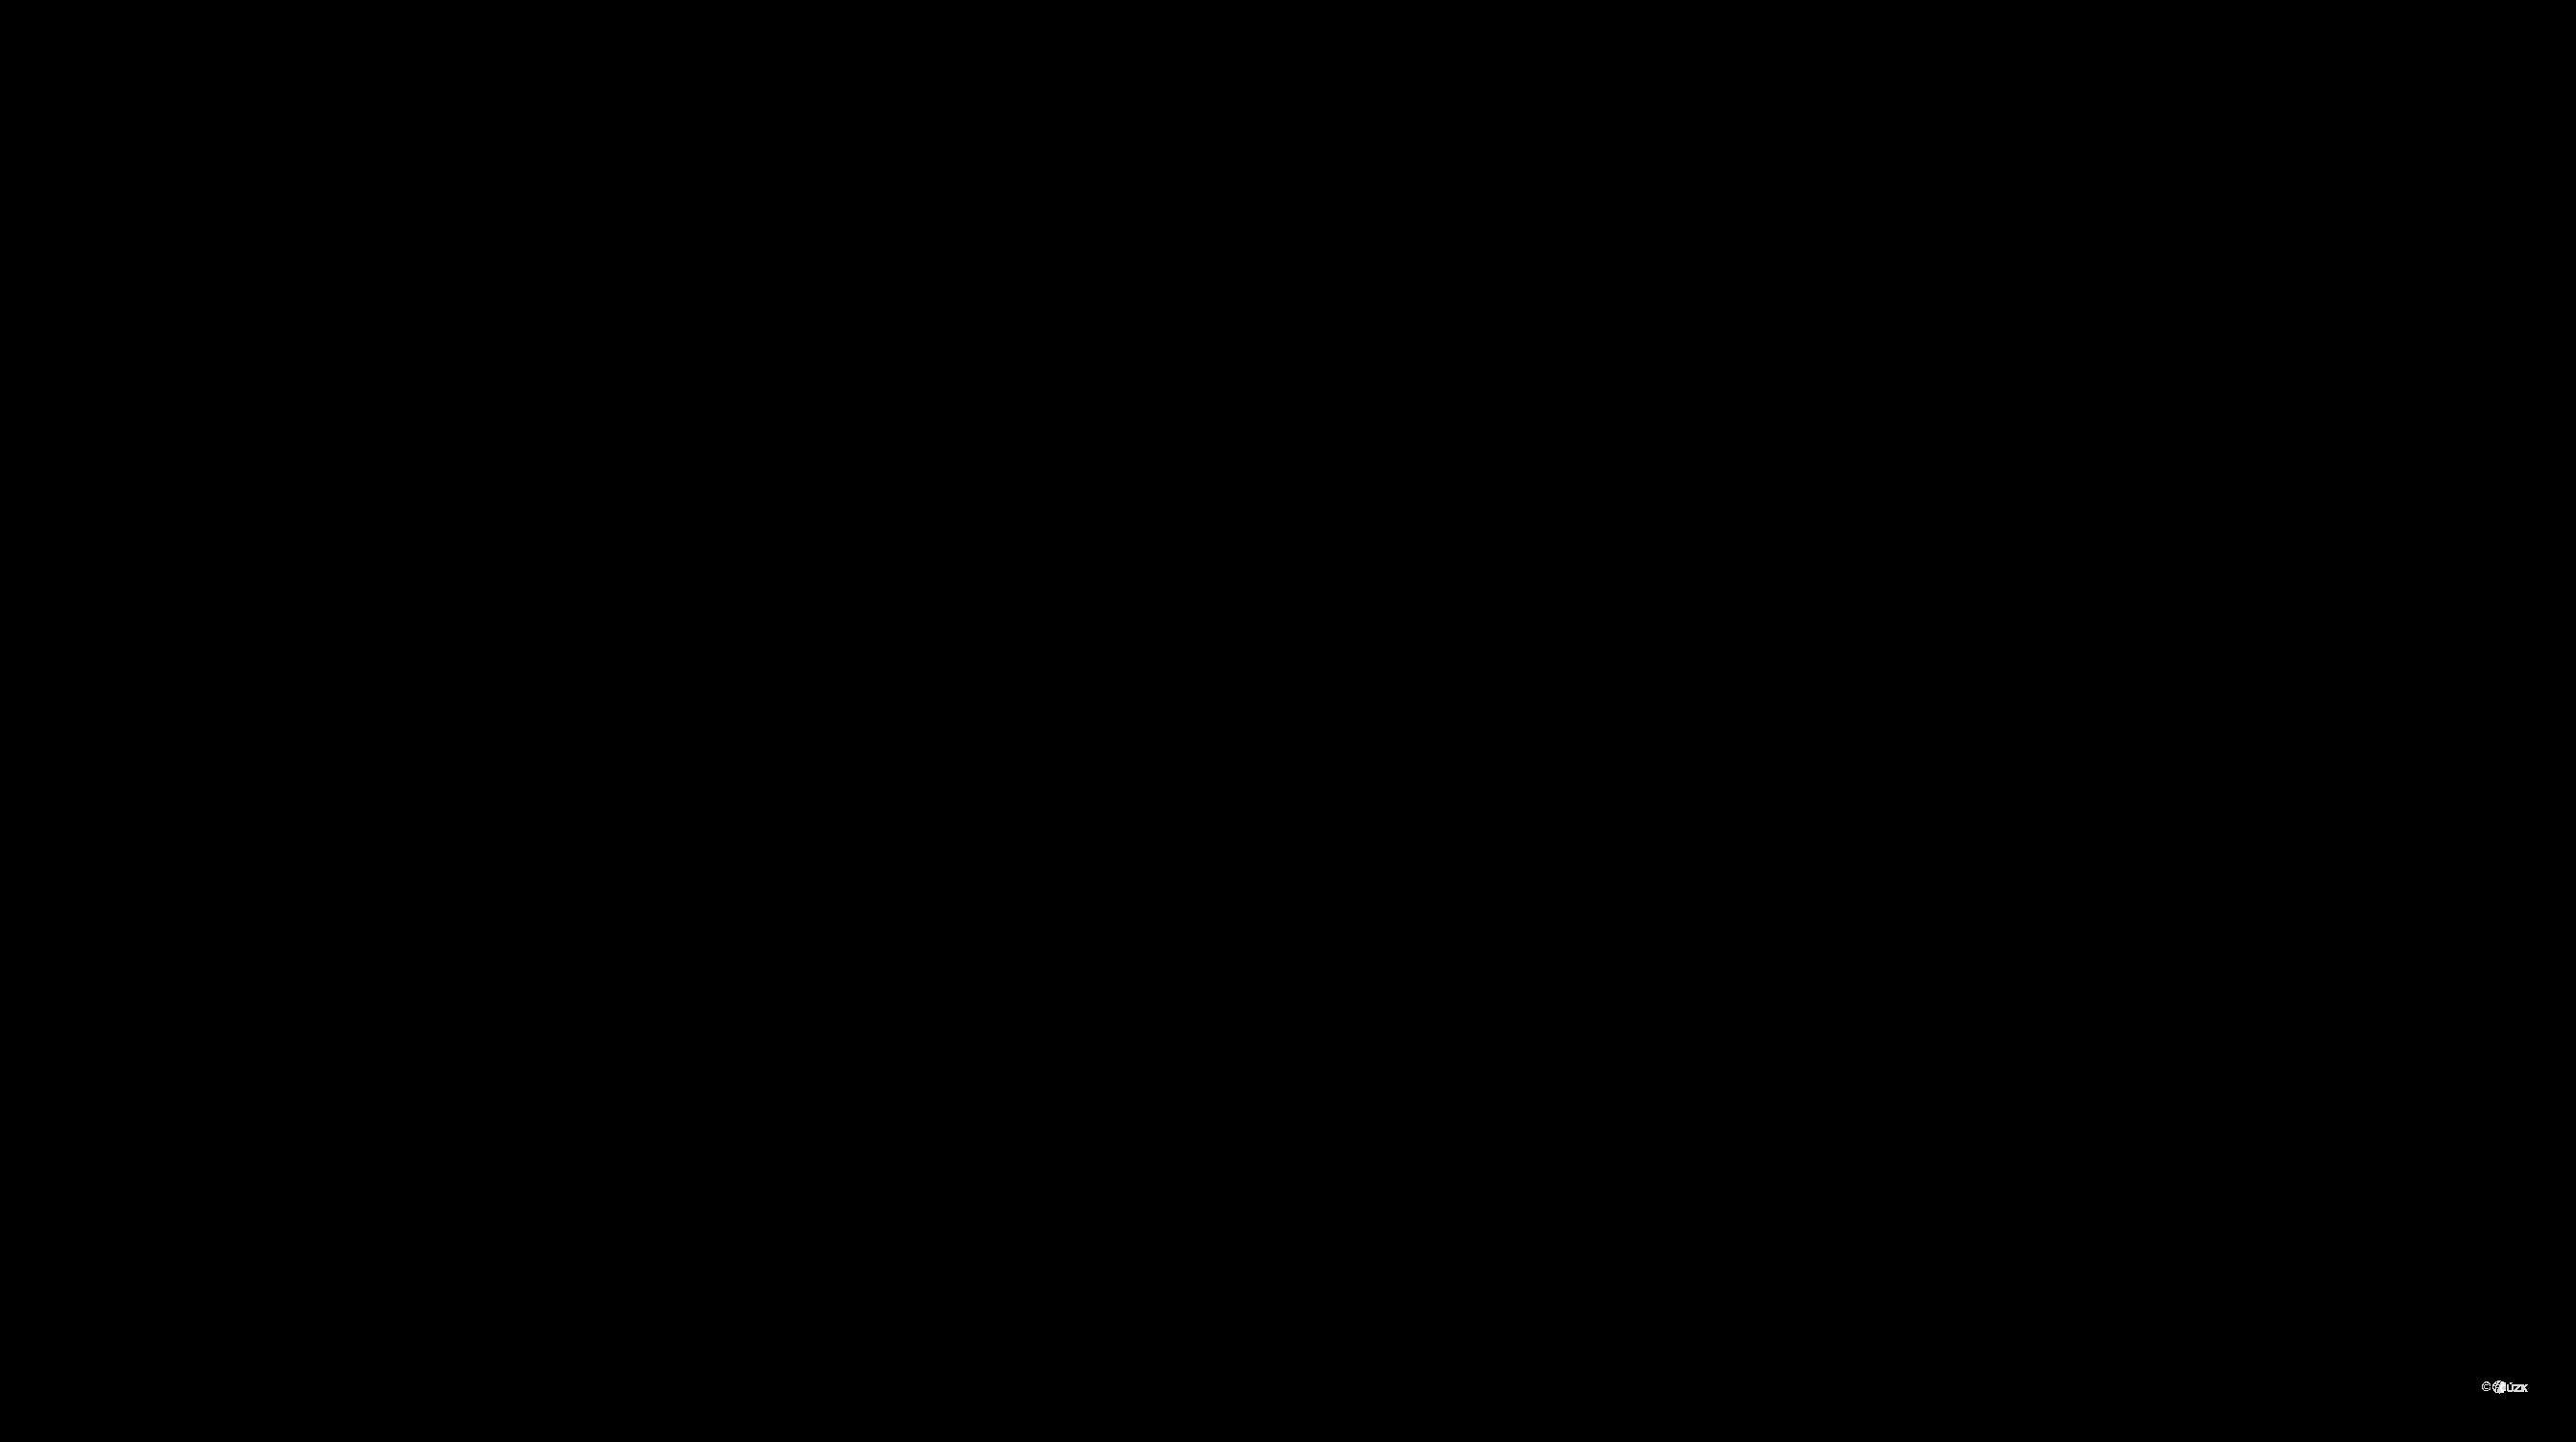 Katastrální mapa pozemků a čísla parcel Ženklava